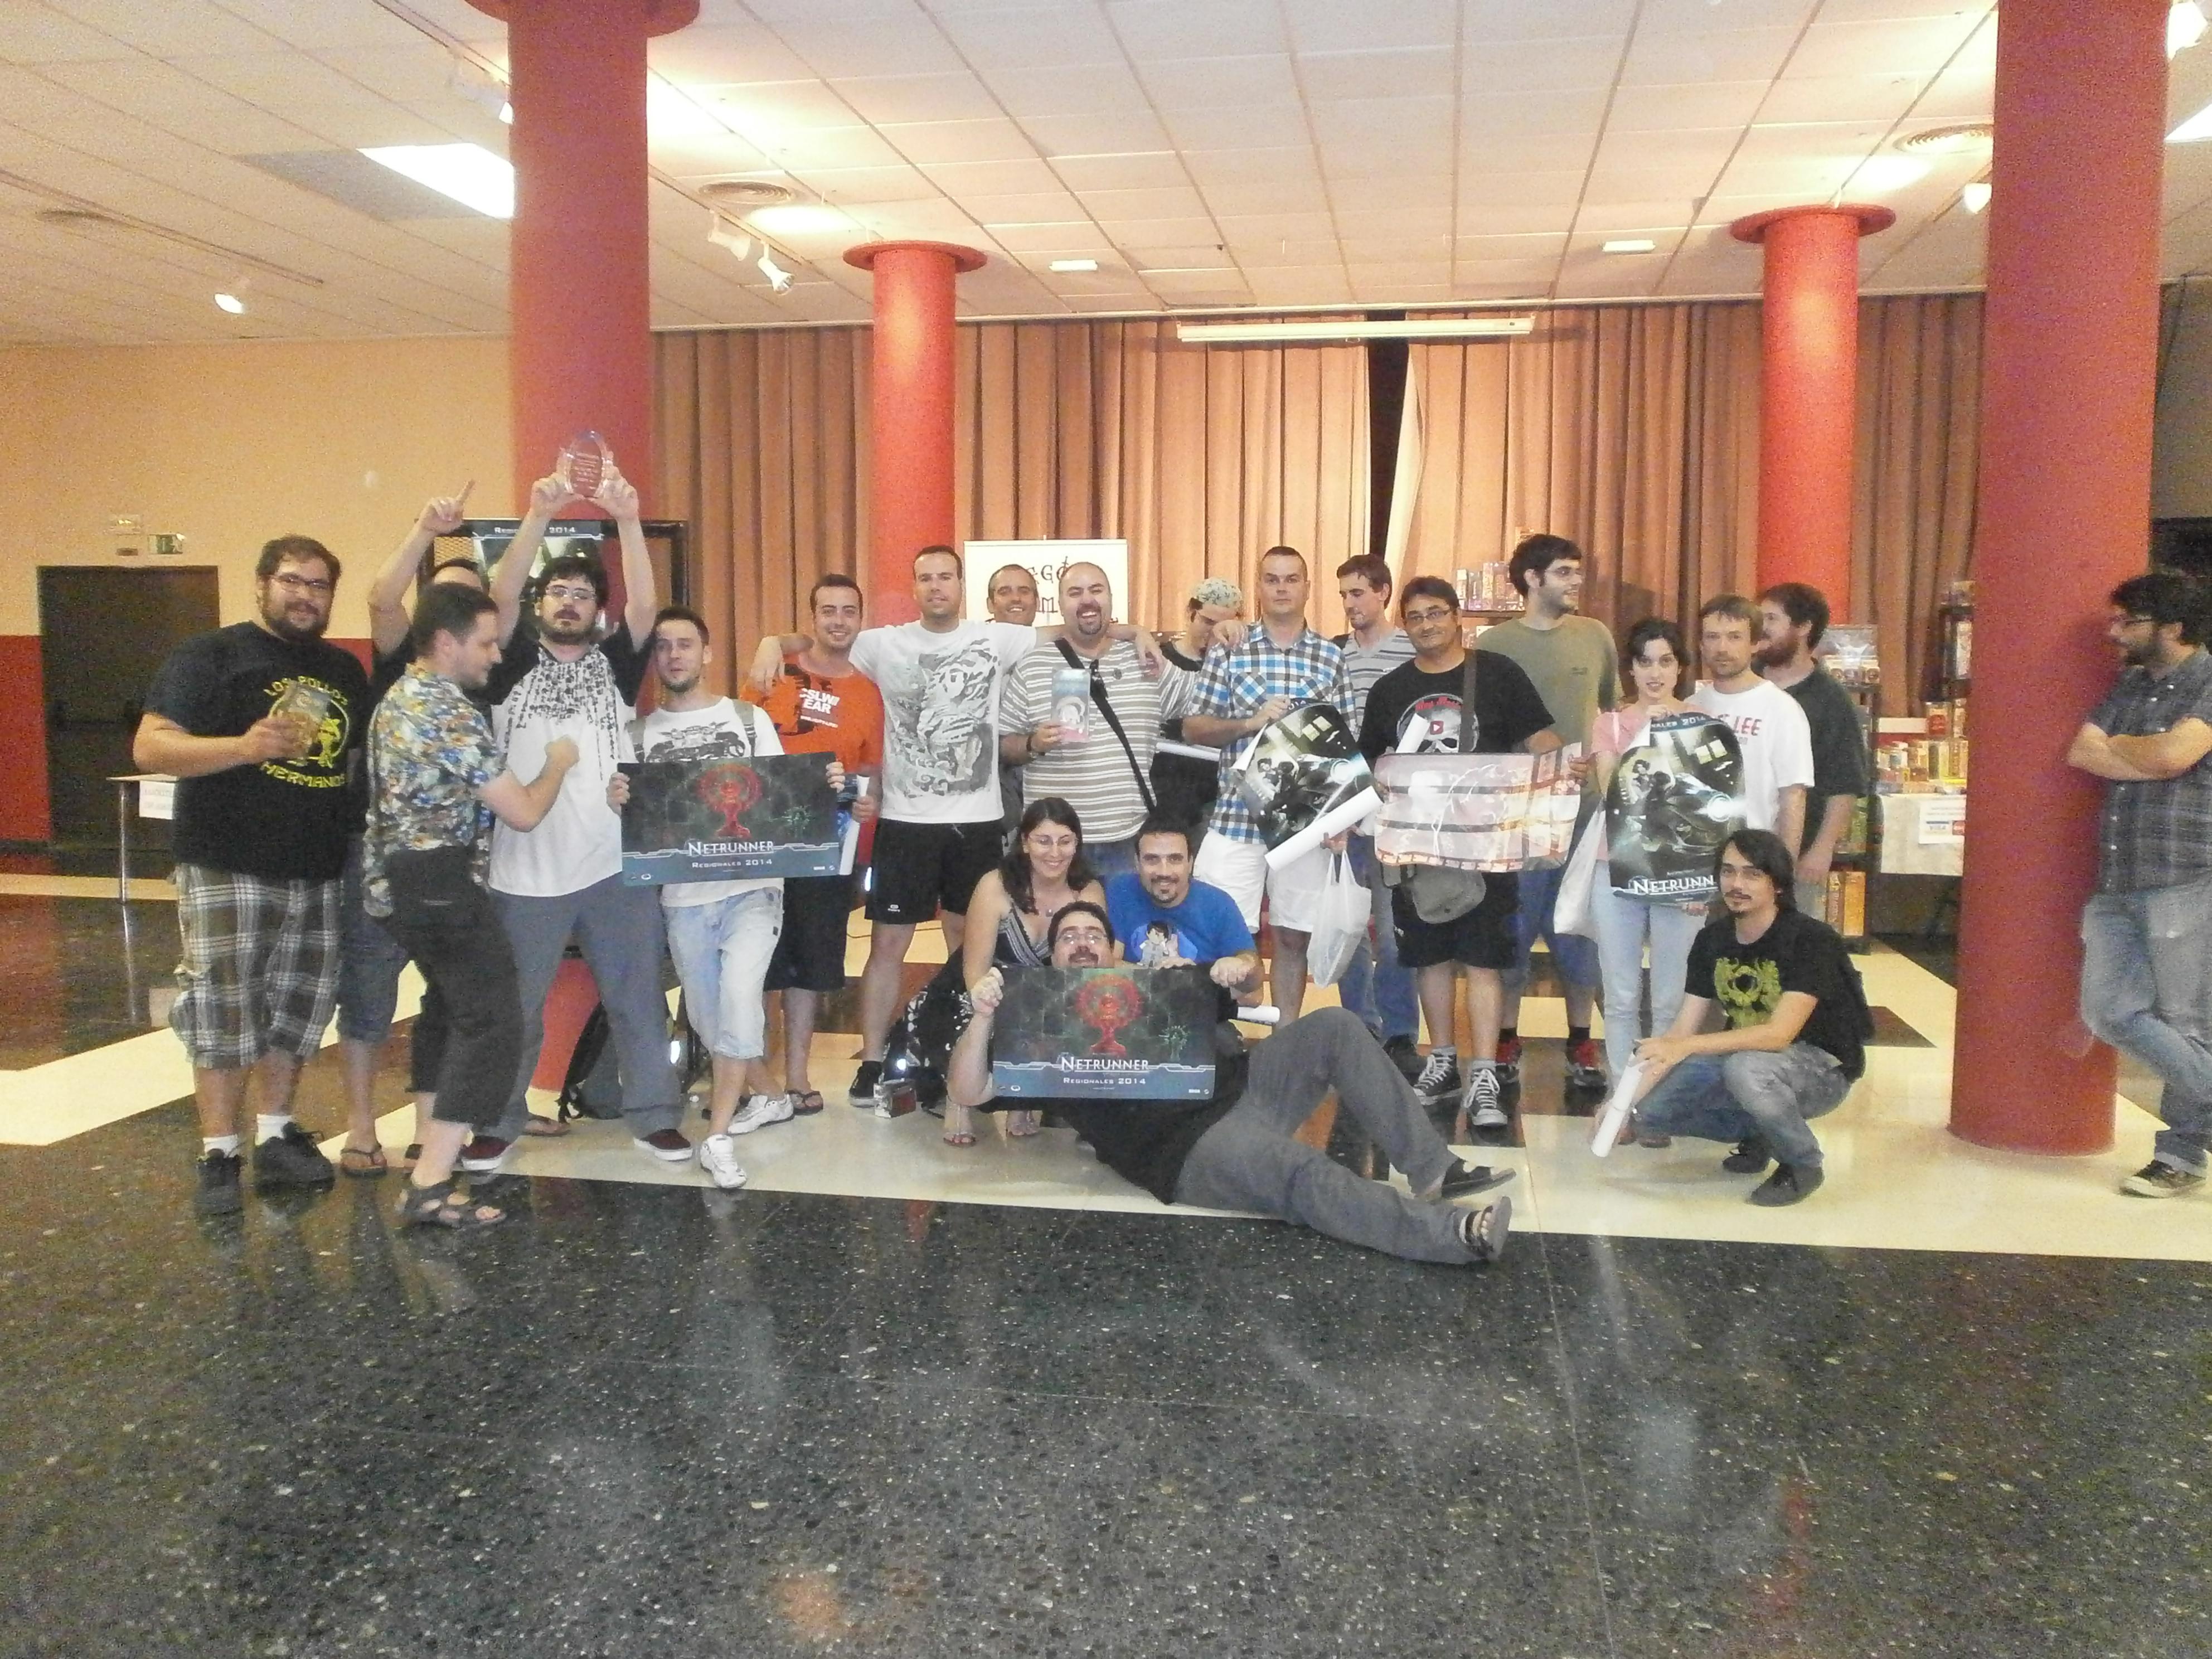 torneo regional de android netrunner en Valencia. Juegos de la Mesa Redonda